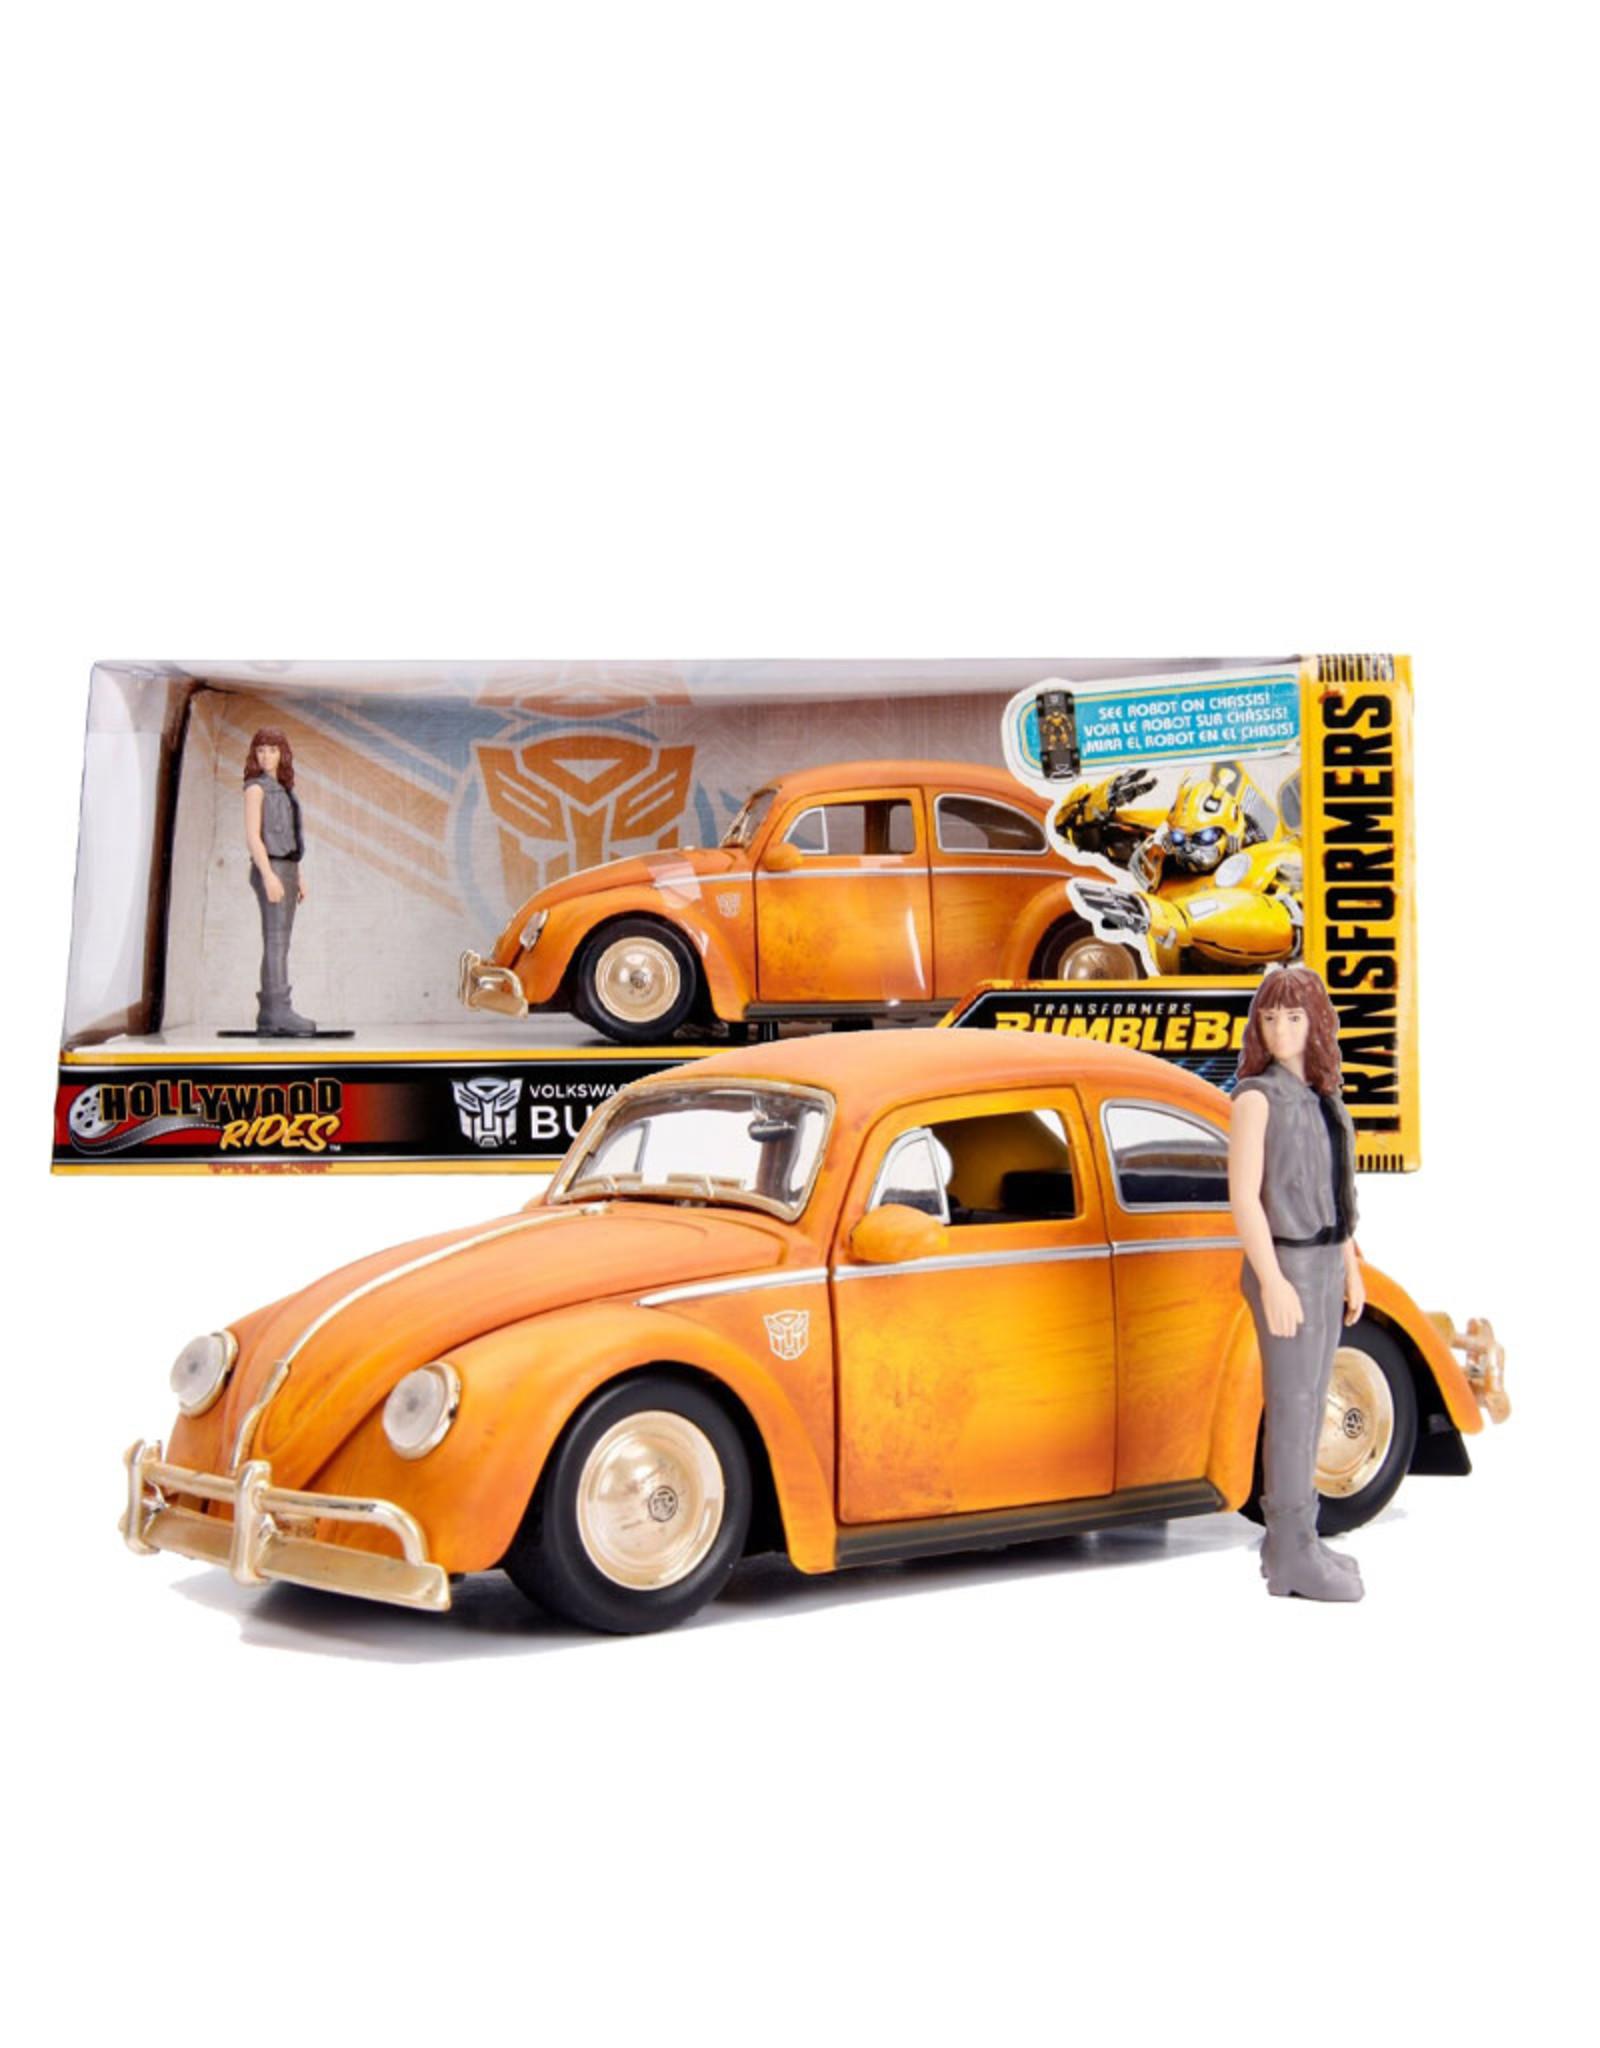 Transformers ( Die Cast 1:24 ) Bumblebee & Charlie